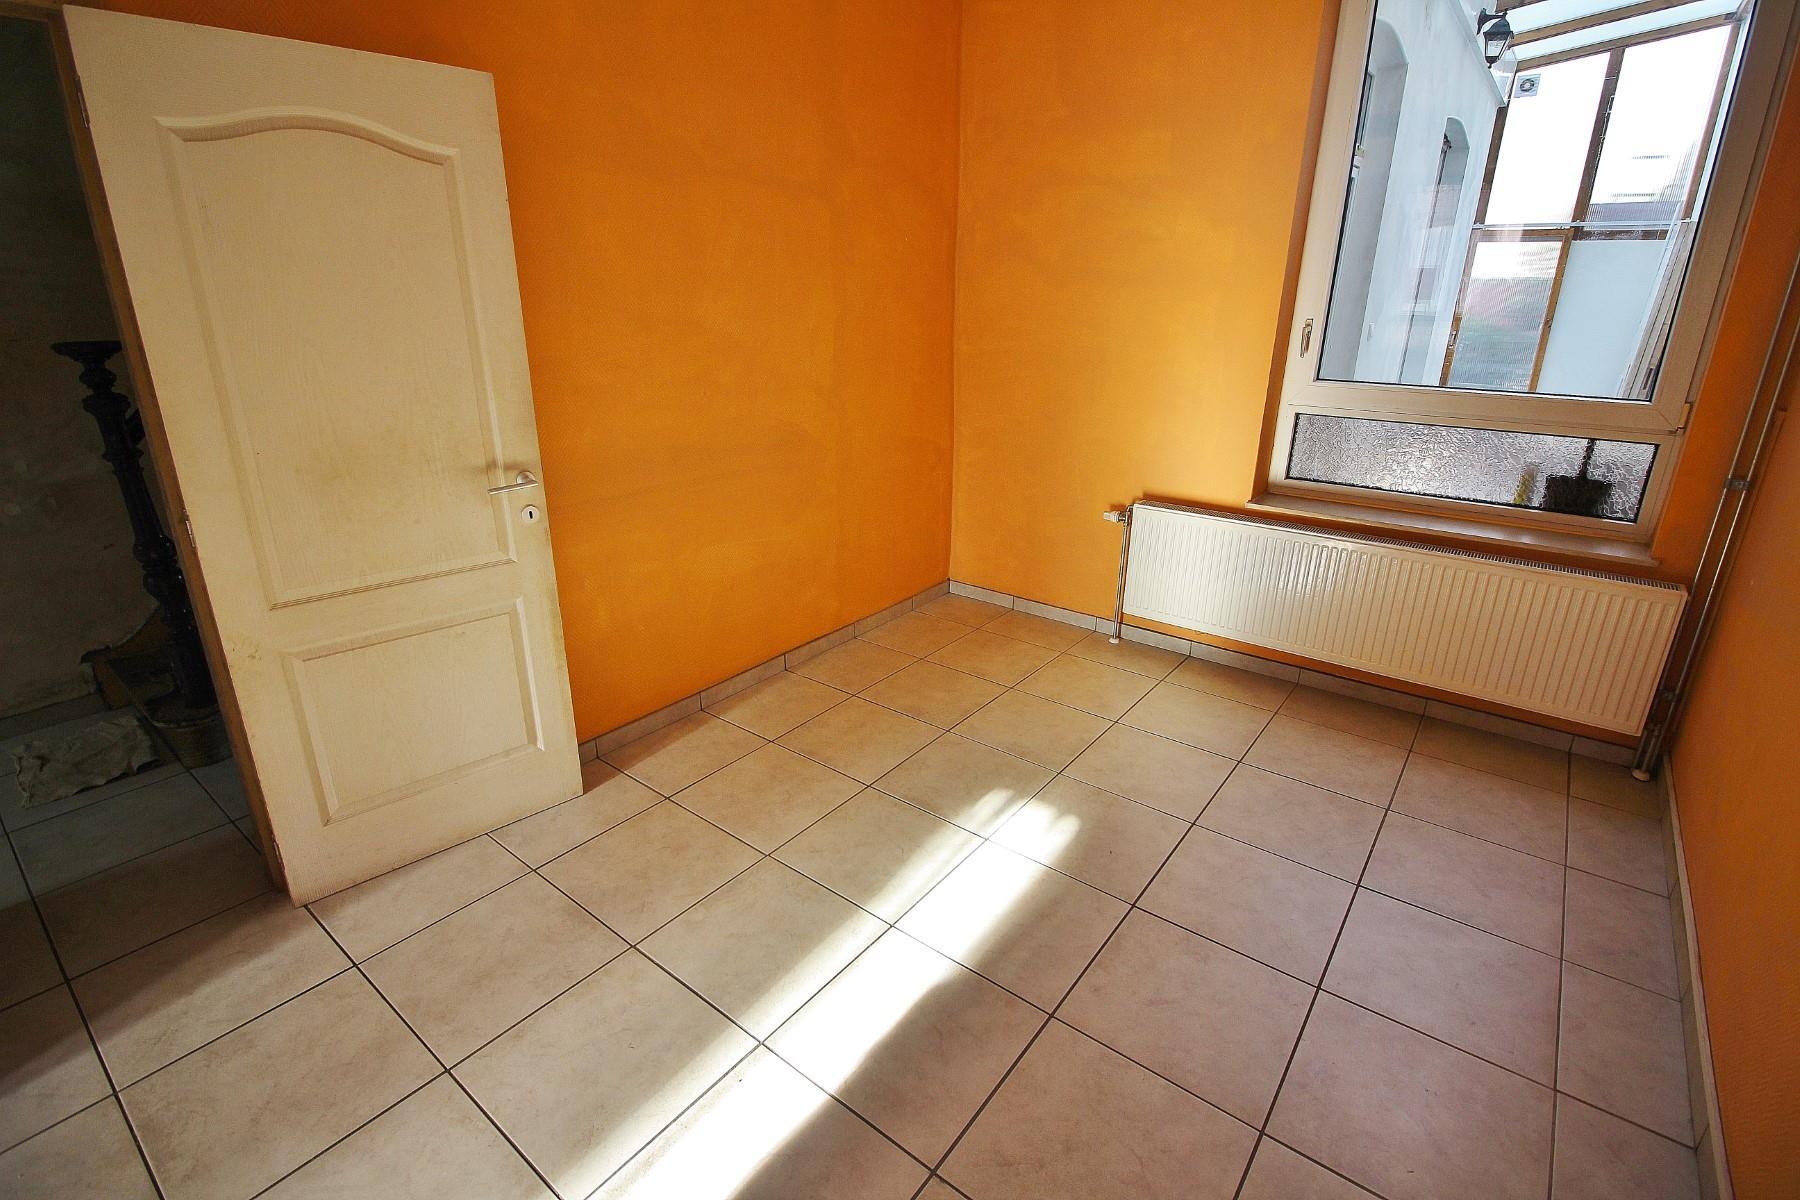 Maison - Seraing Jemeppe-sur-Meuse - #3690786-4